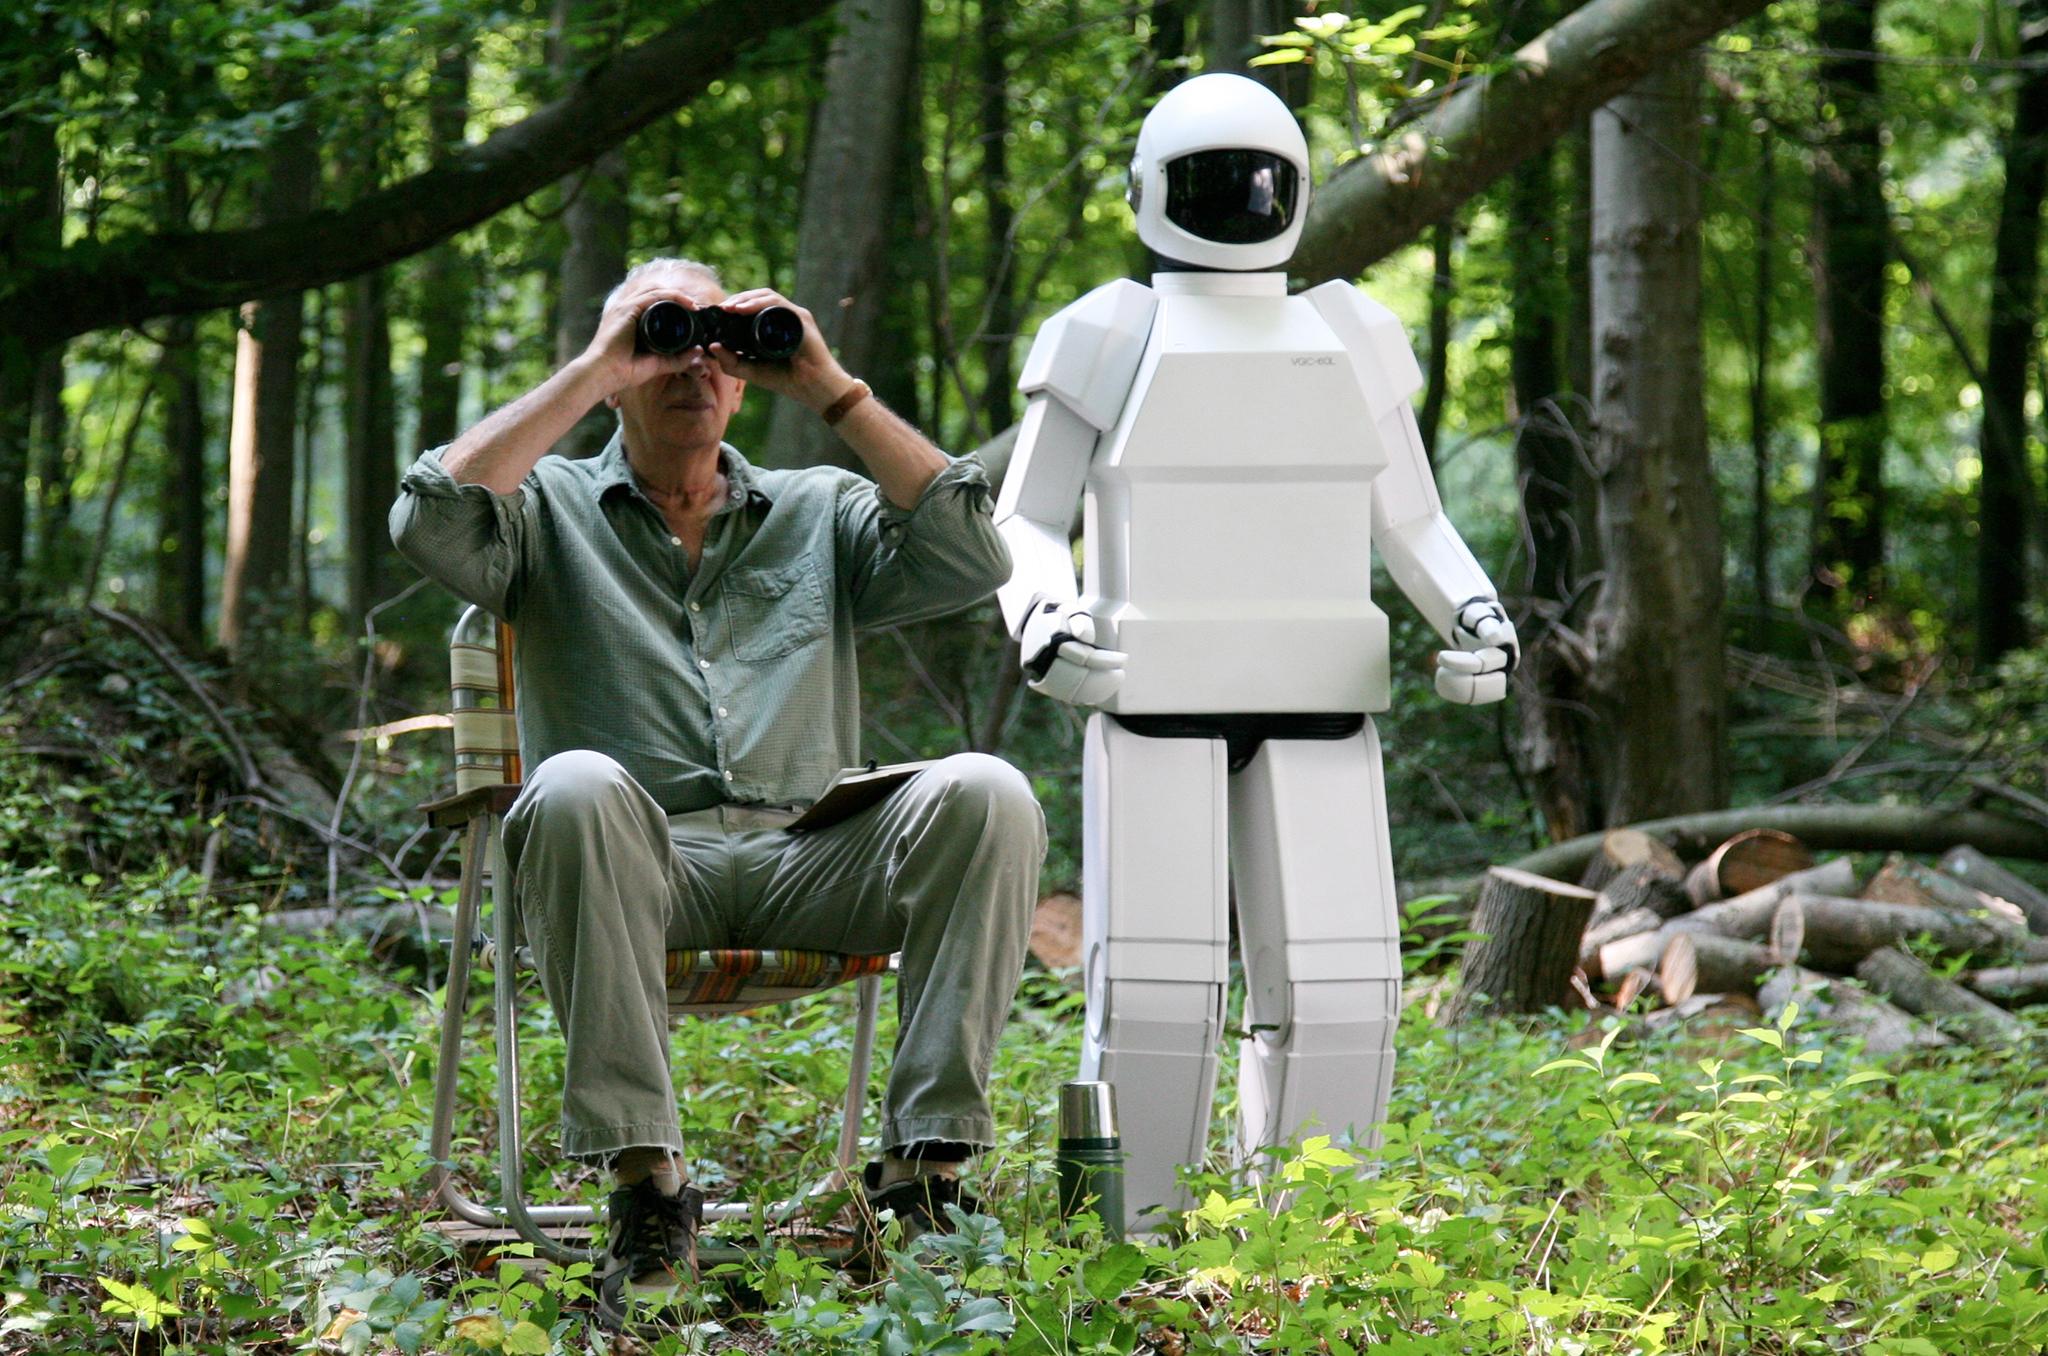 В течение фильма Робот и Фрэнк стали хорошими друзьями